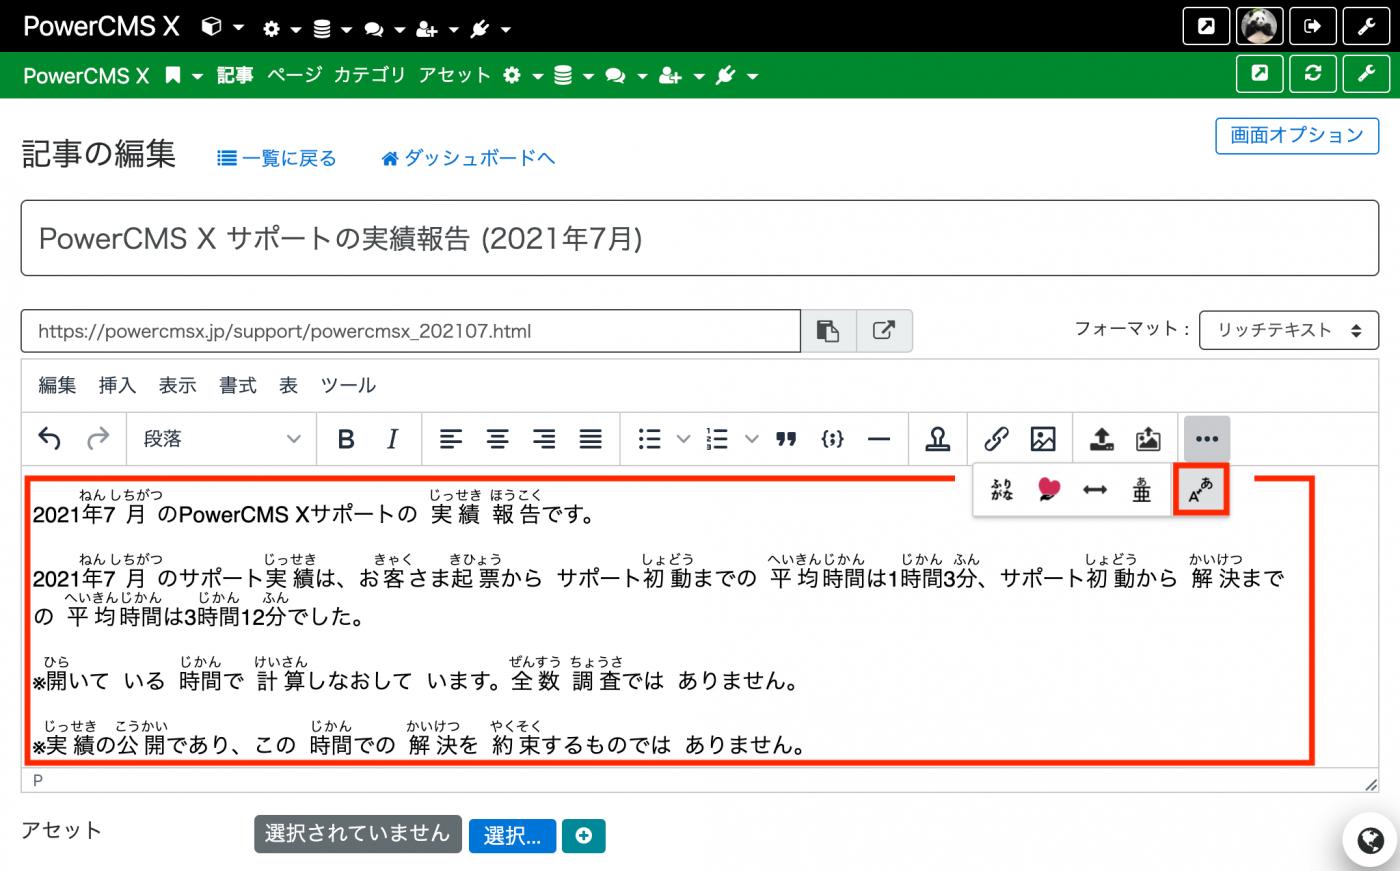 本文をやさしい日本語に翻訳